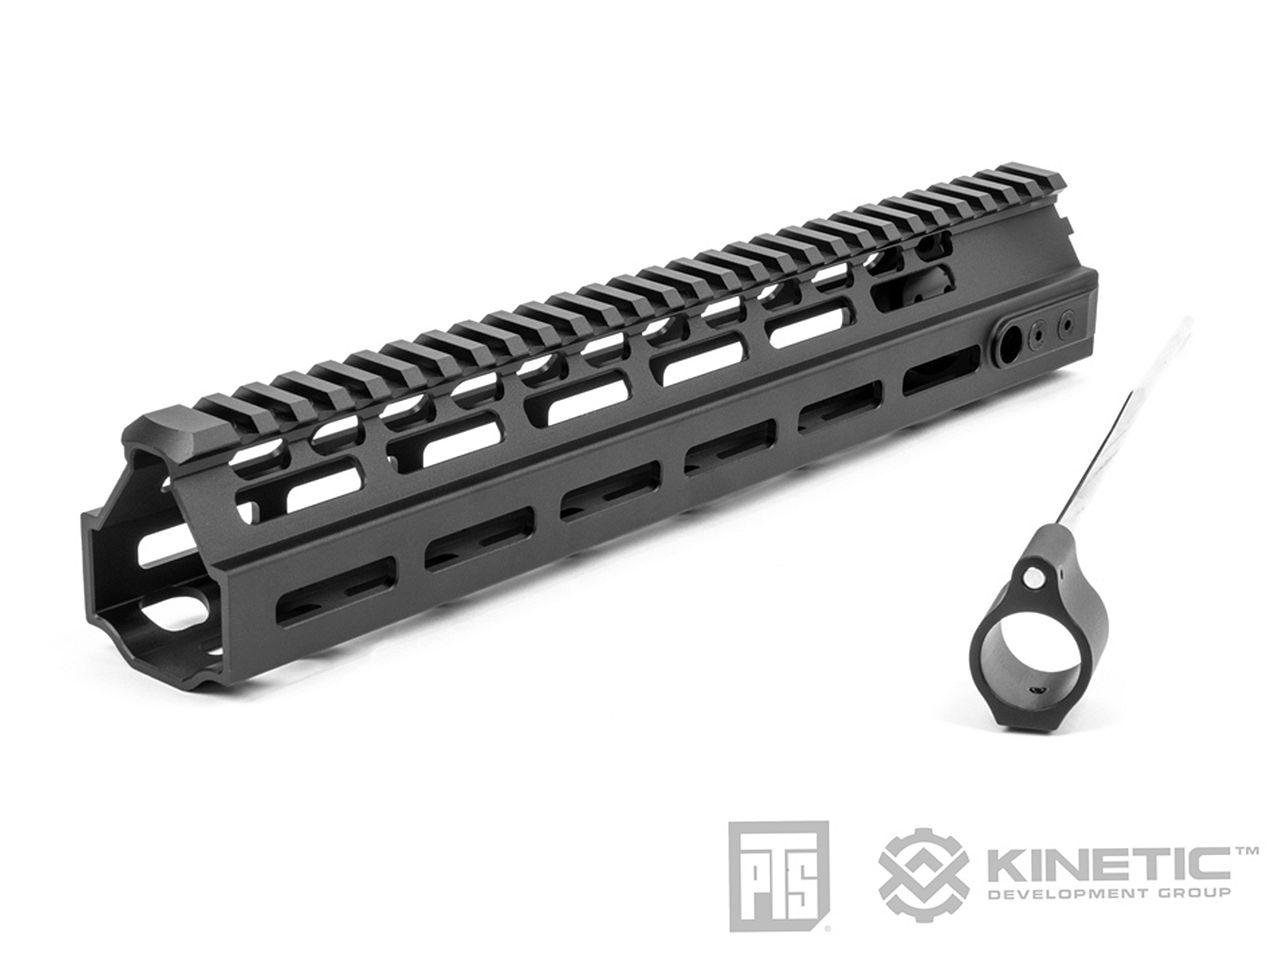 【新製品予約】PTS Kinetic MREX-AR M-Lok モジュラーレイルハンドガード 11in (Black)